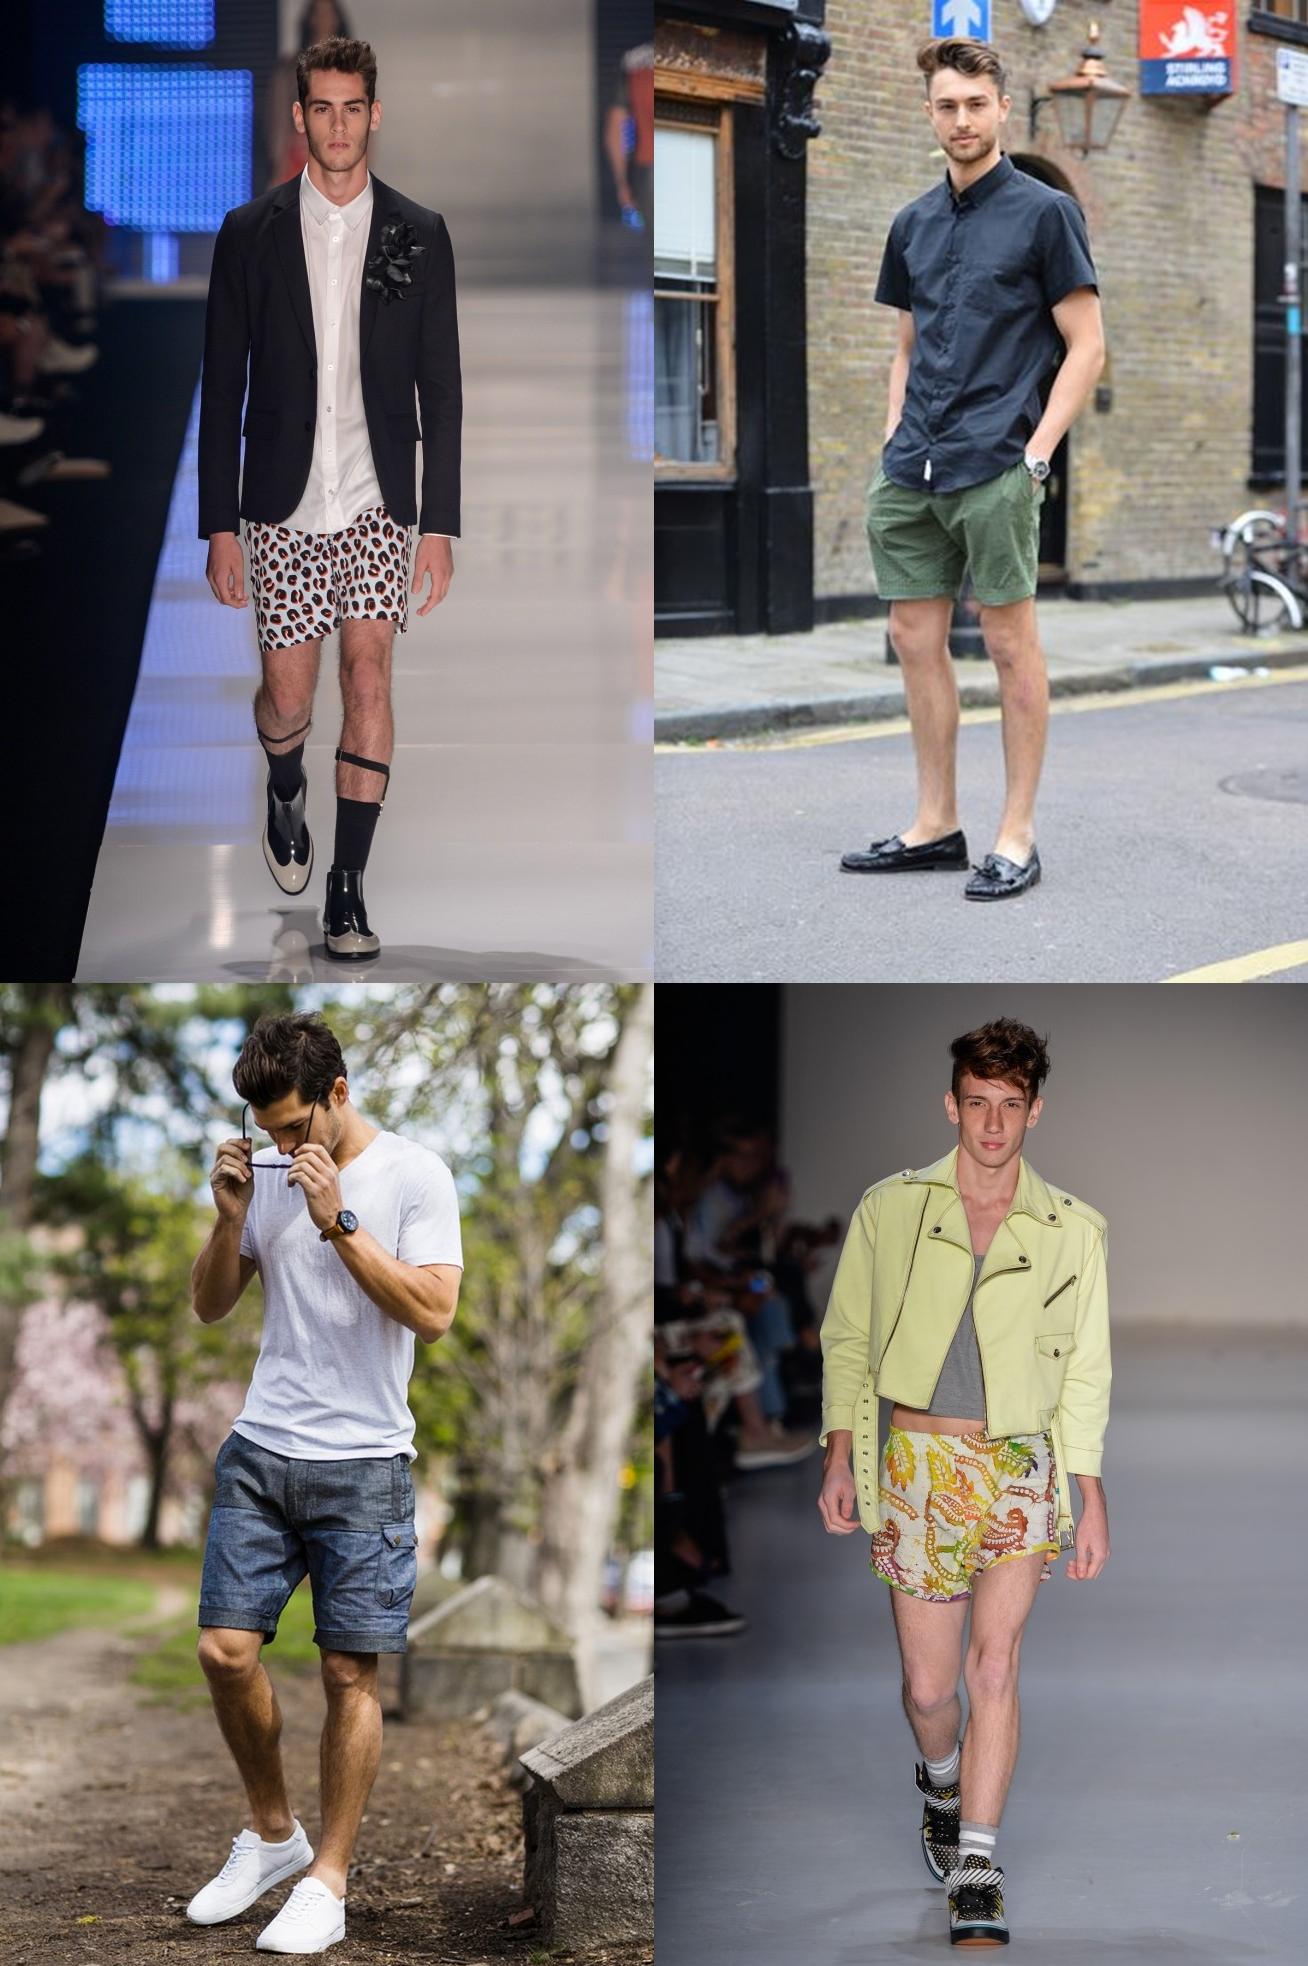 tendencia masculina, verão 2016, menswear, style, trends, moda sem censura, blogger, blog de moda, fashion blogger, blogueiro de moda, alex cursino, style, tips, 4